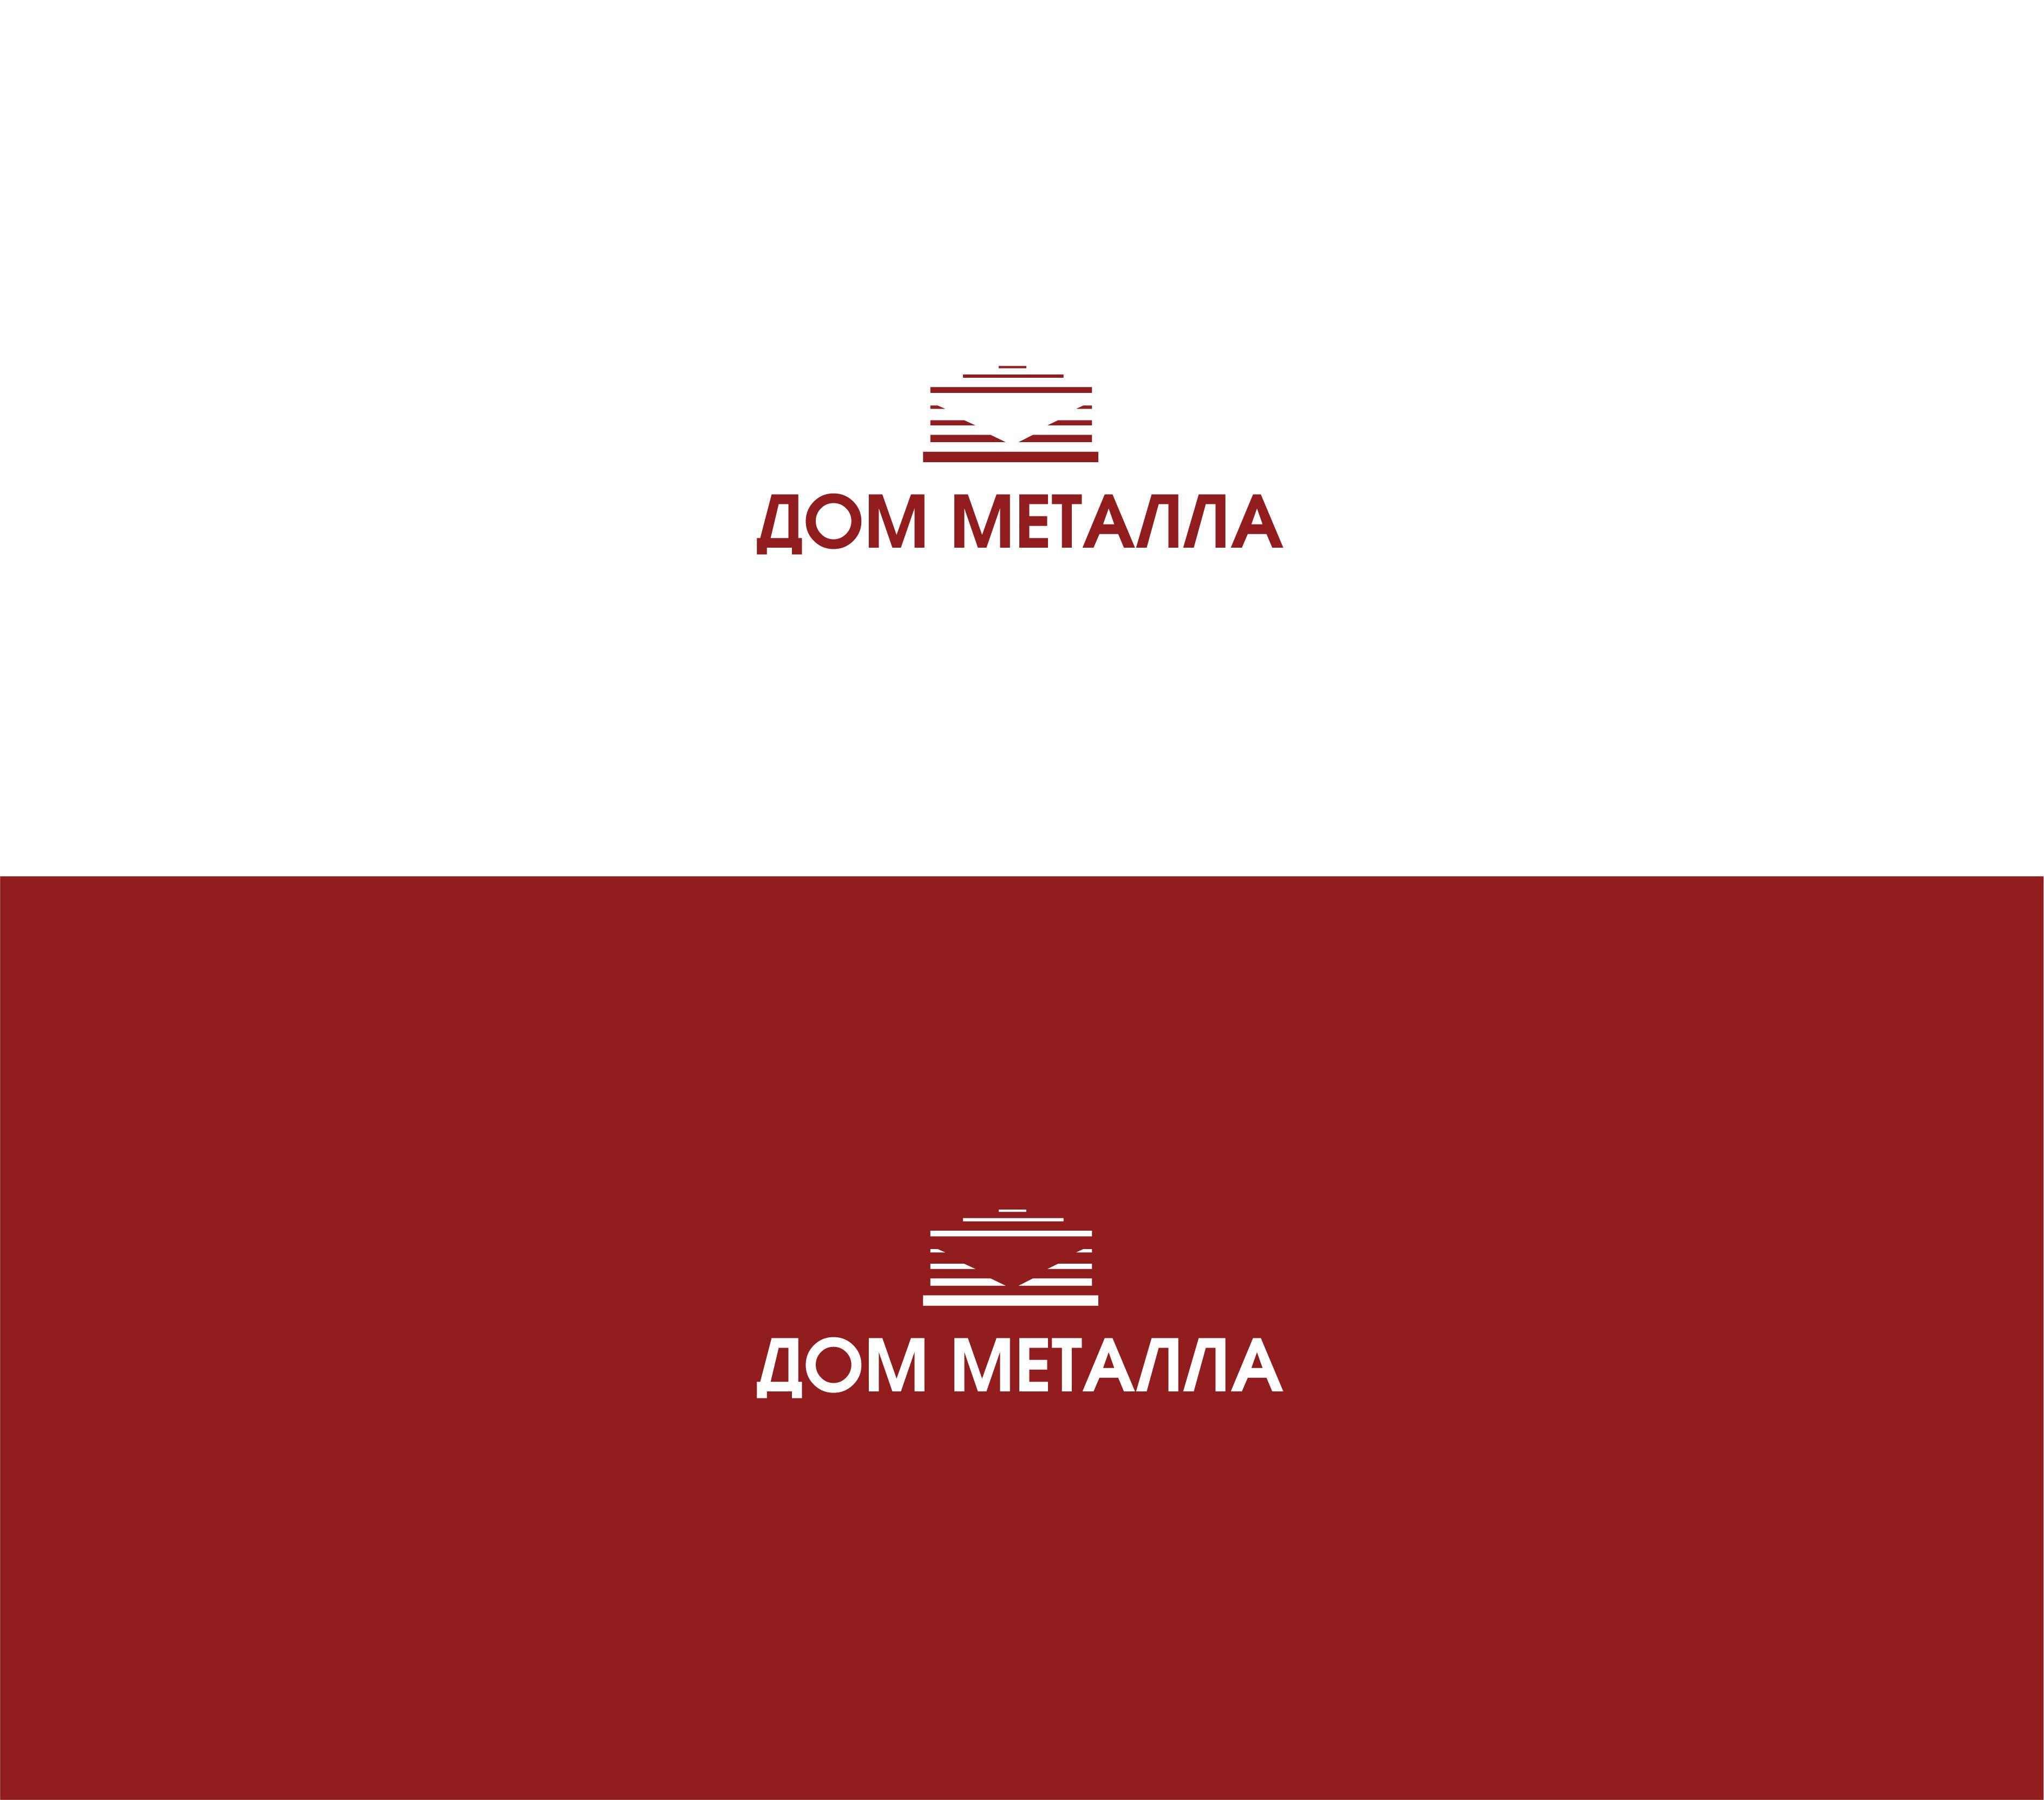 Разработка логотипа фото f_6045c5a0097b94f2.jpg